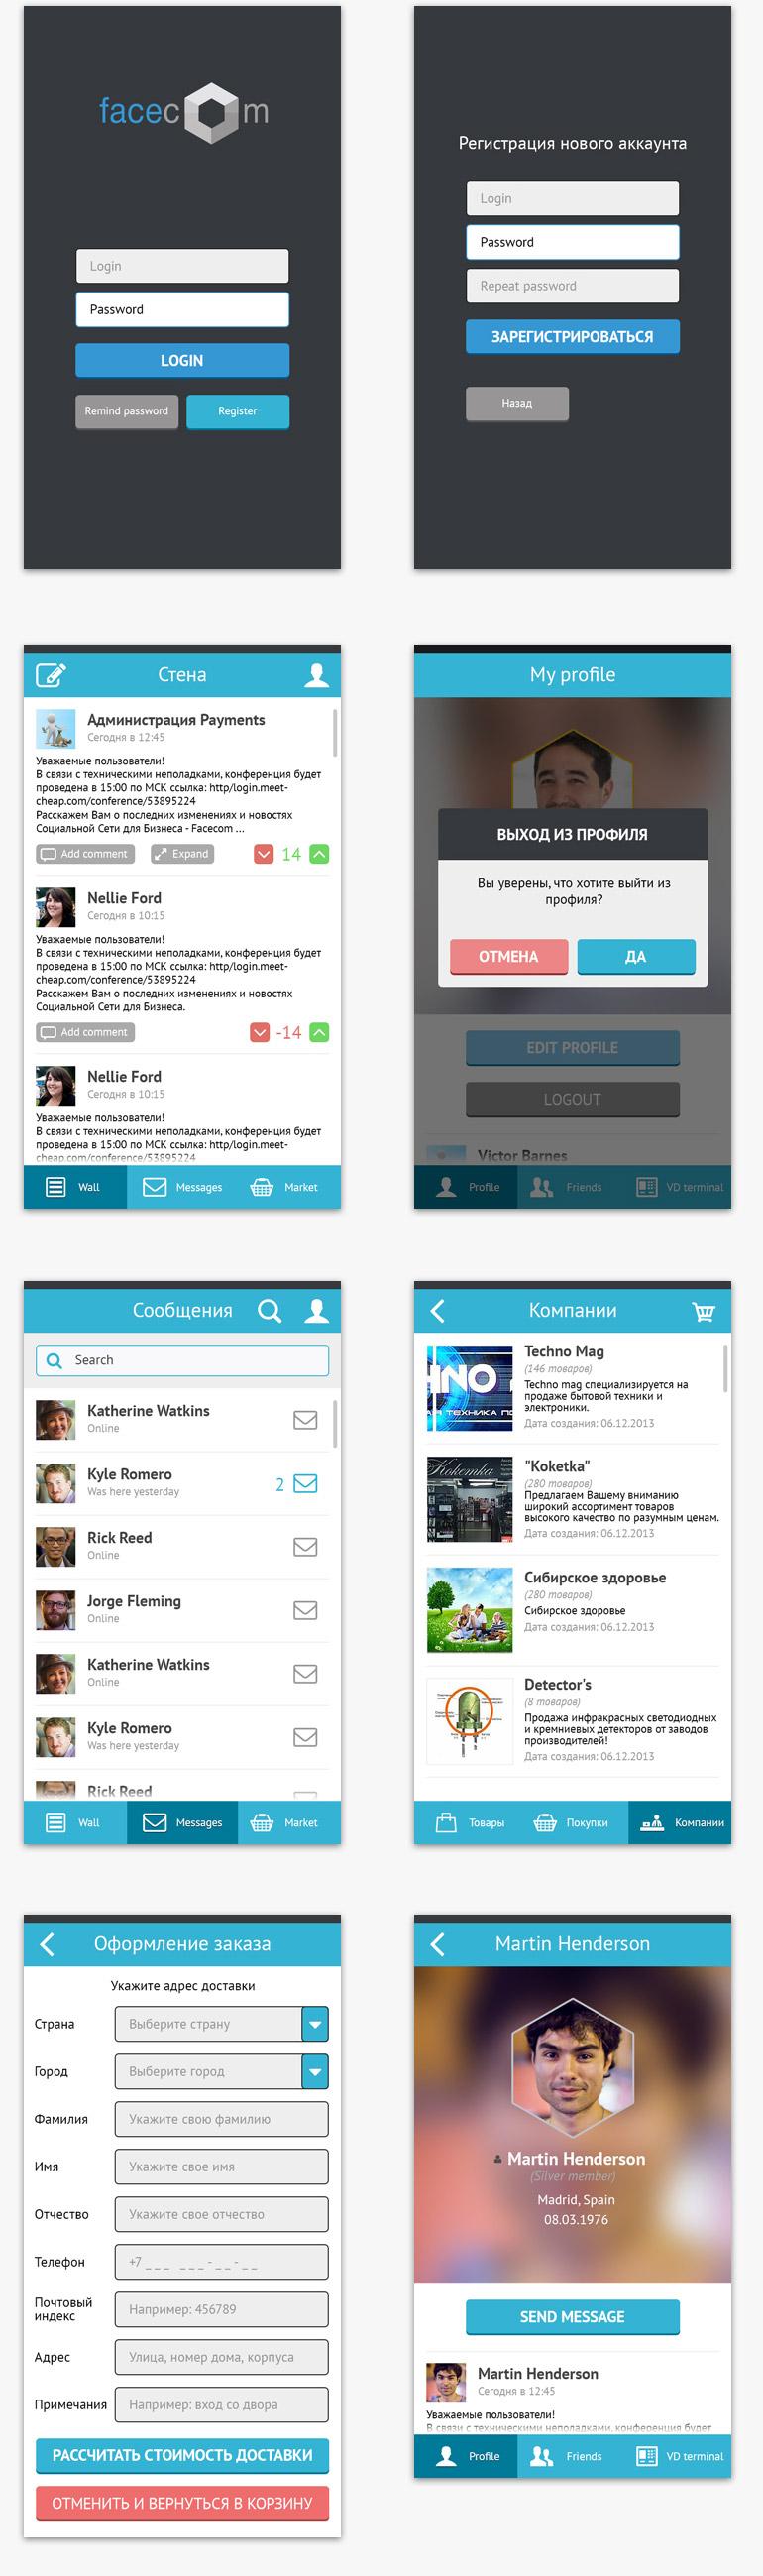 Дизайн мобильного приложения Facecom